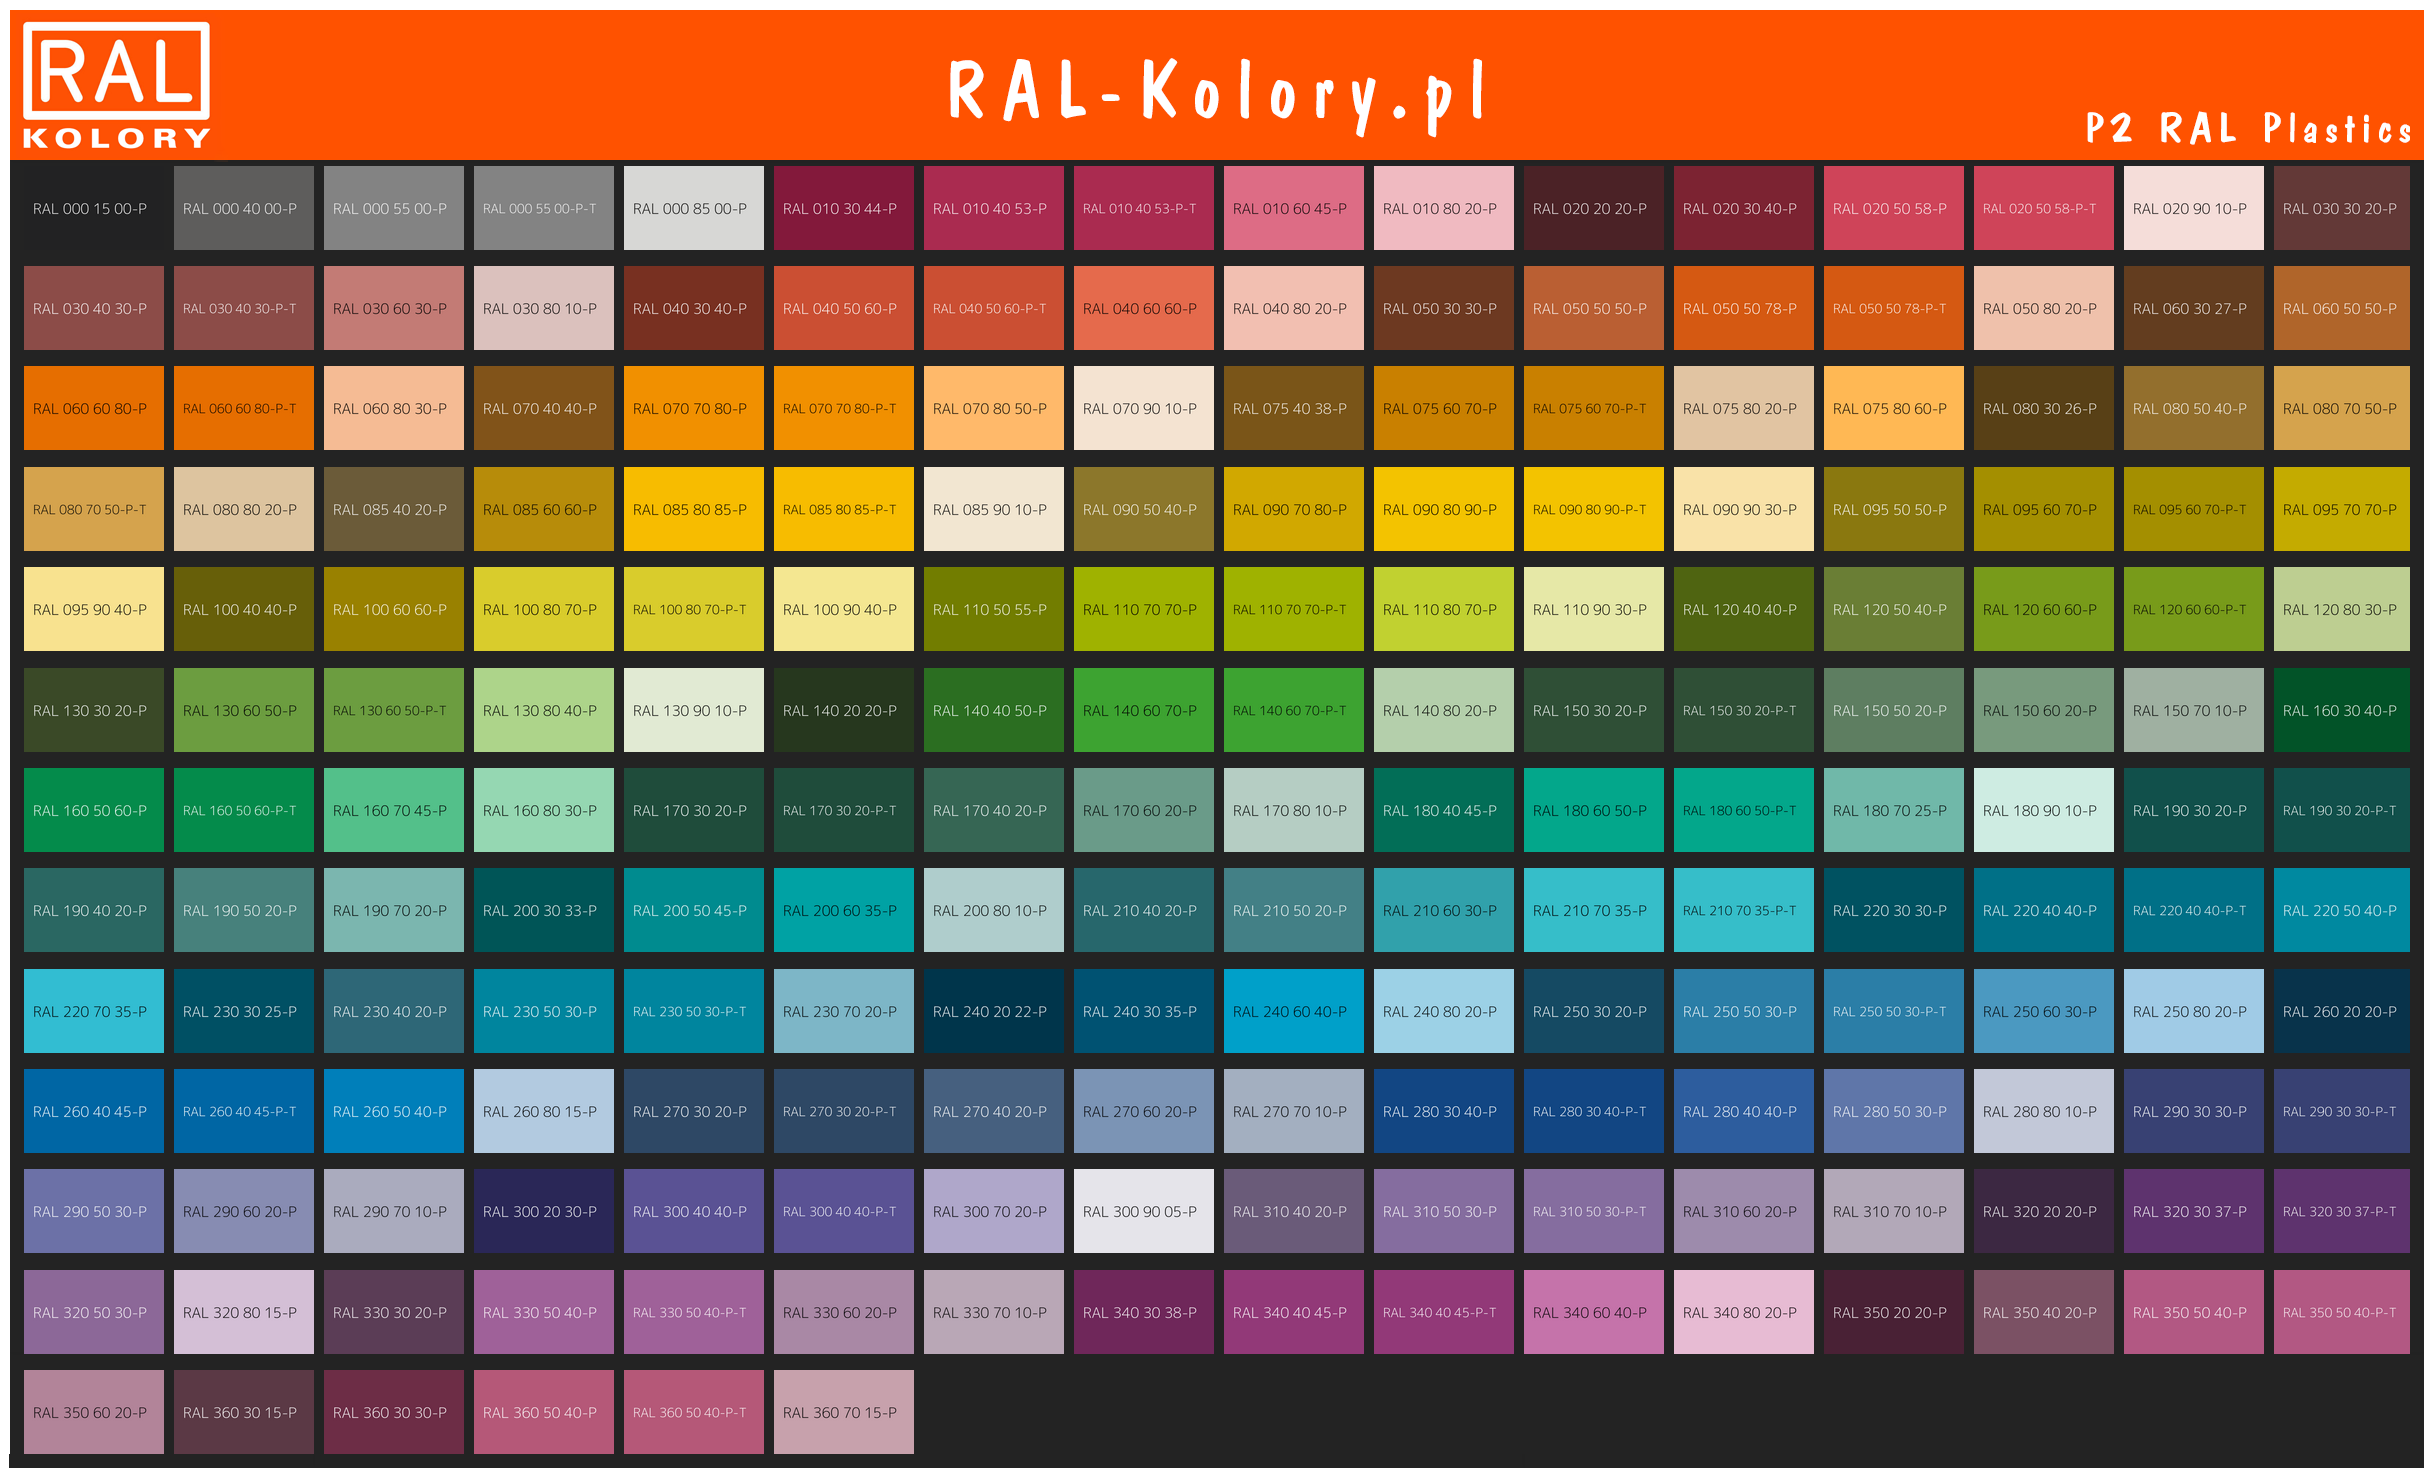 P2 RAL Plastics Wzornik kolorów PL